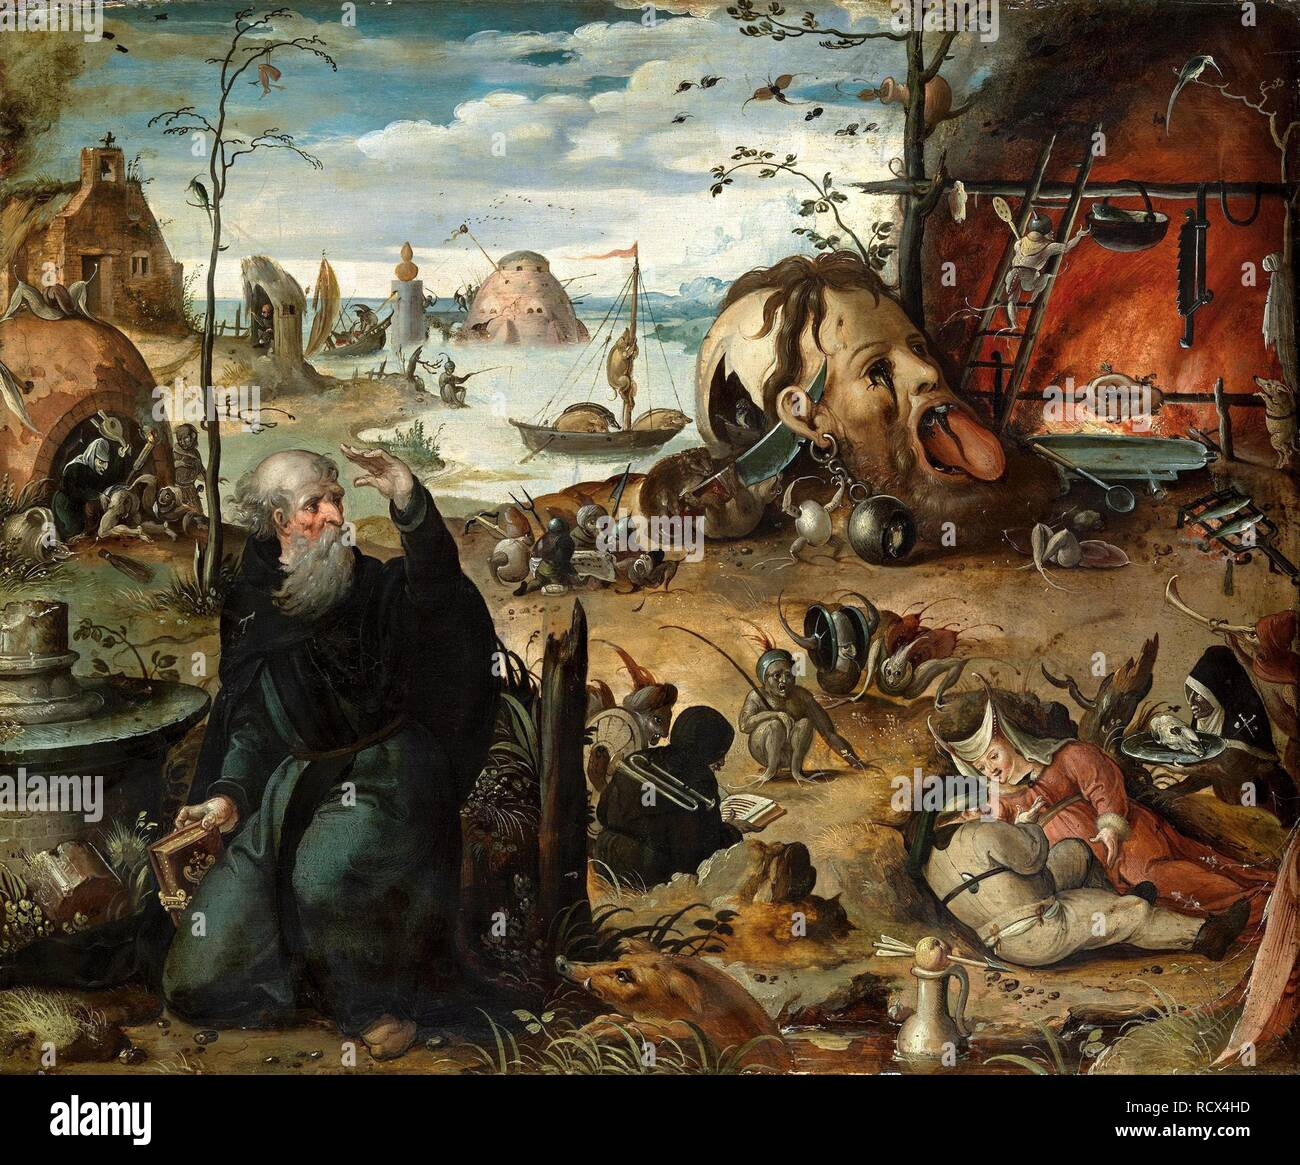 La Tentation de Saint Antoine. Musée: Musée du Liechtenstein. Auteur: MANDYN, JAN. Photo Stock